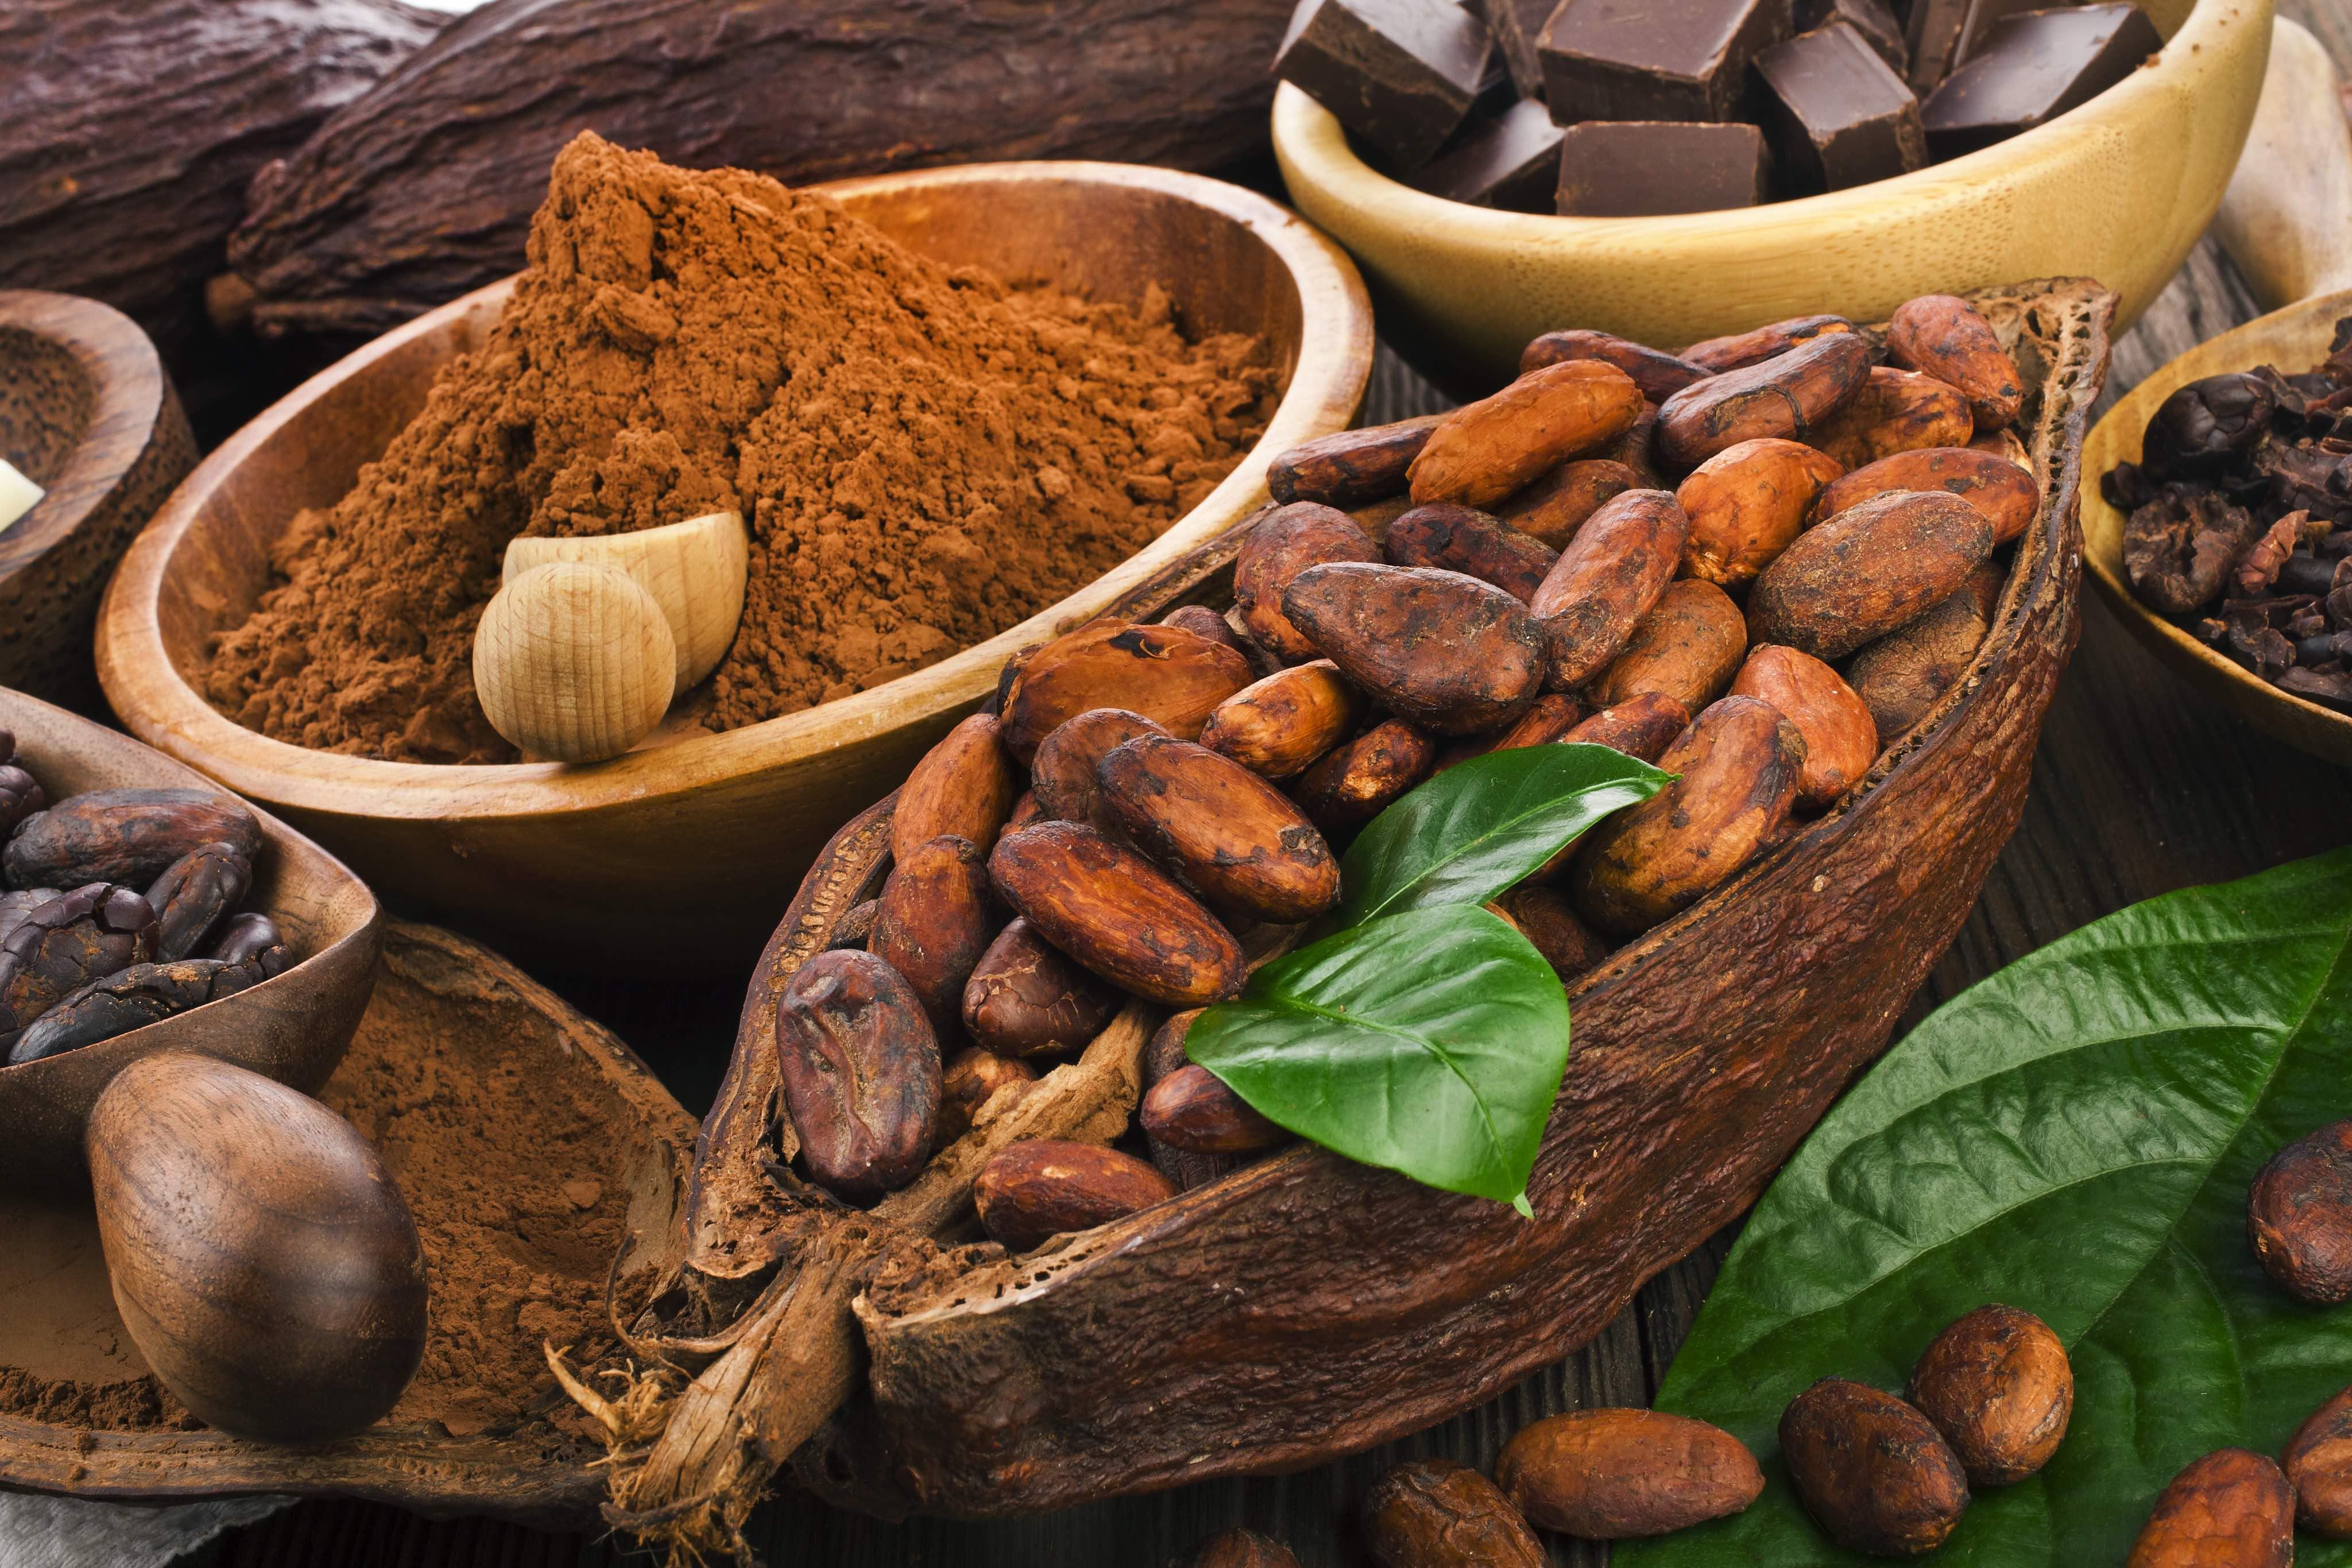 Какао-бобы: полезные свойства, использование, противопоказания | лайфхаки, идеи и полезные советы